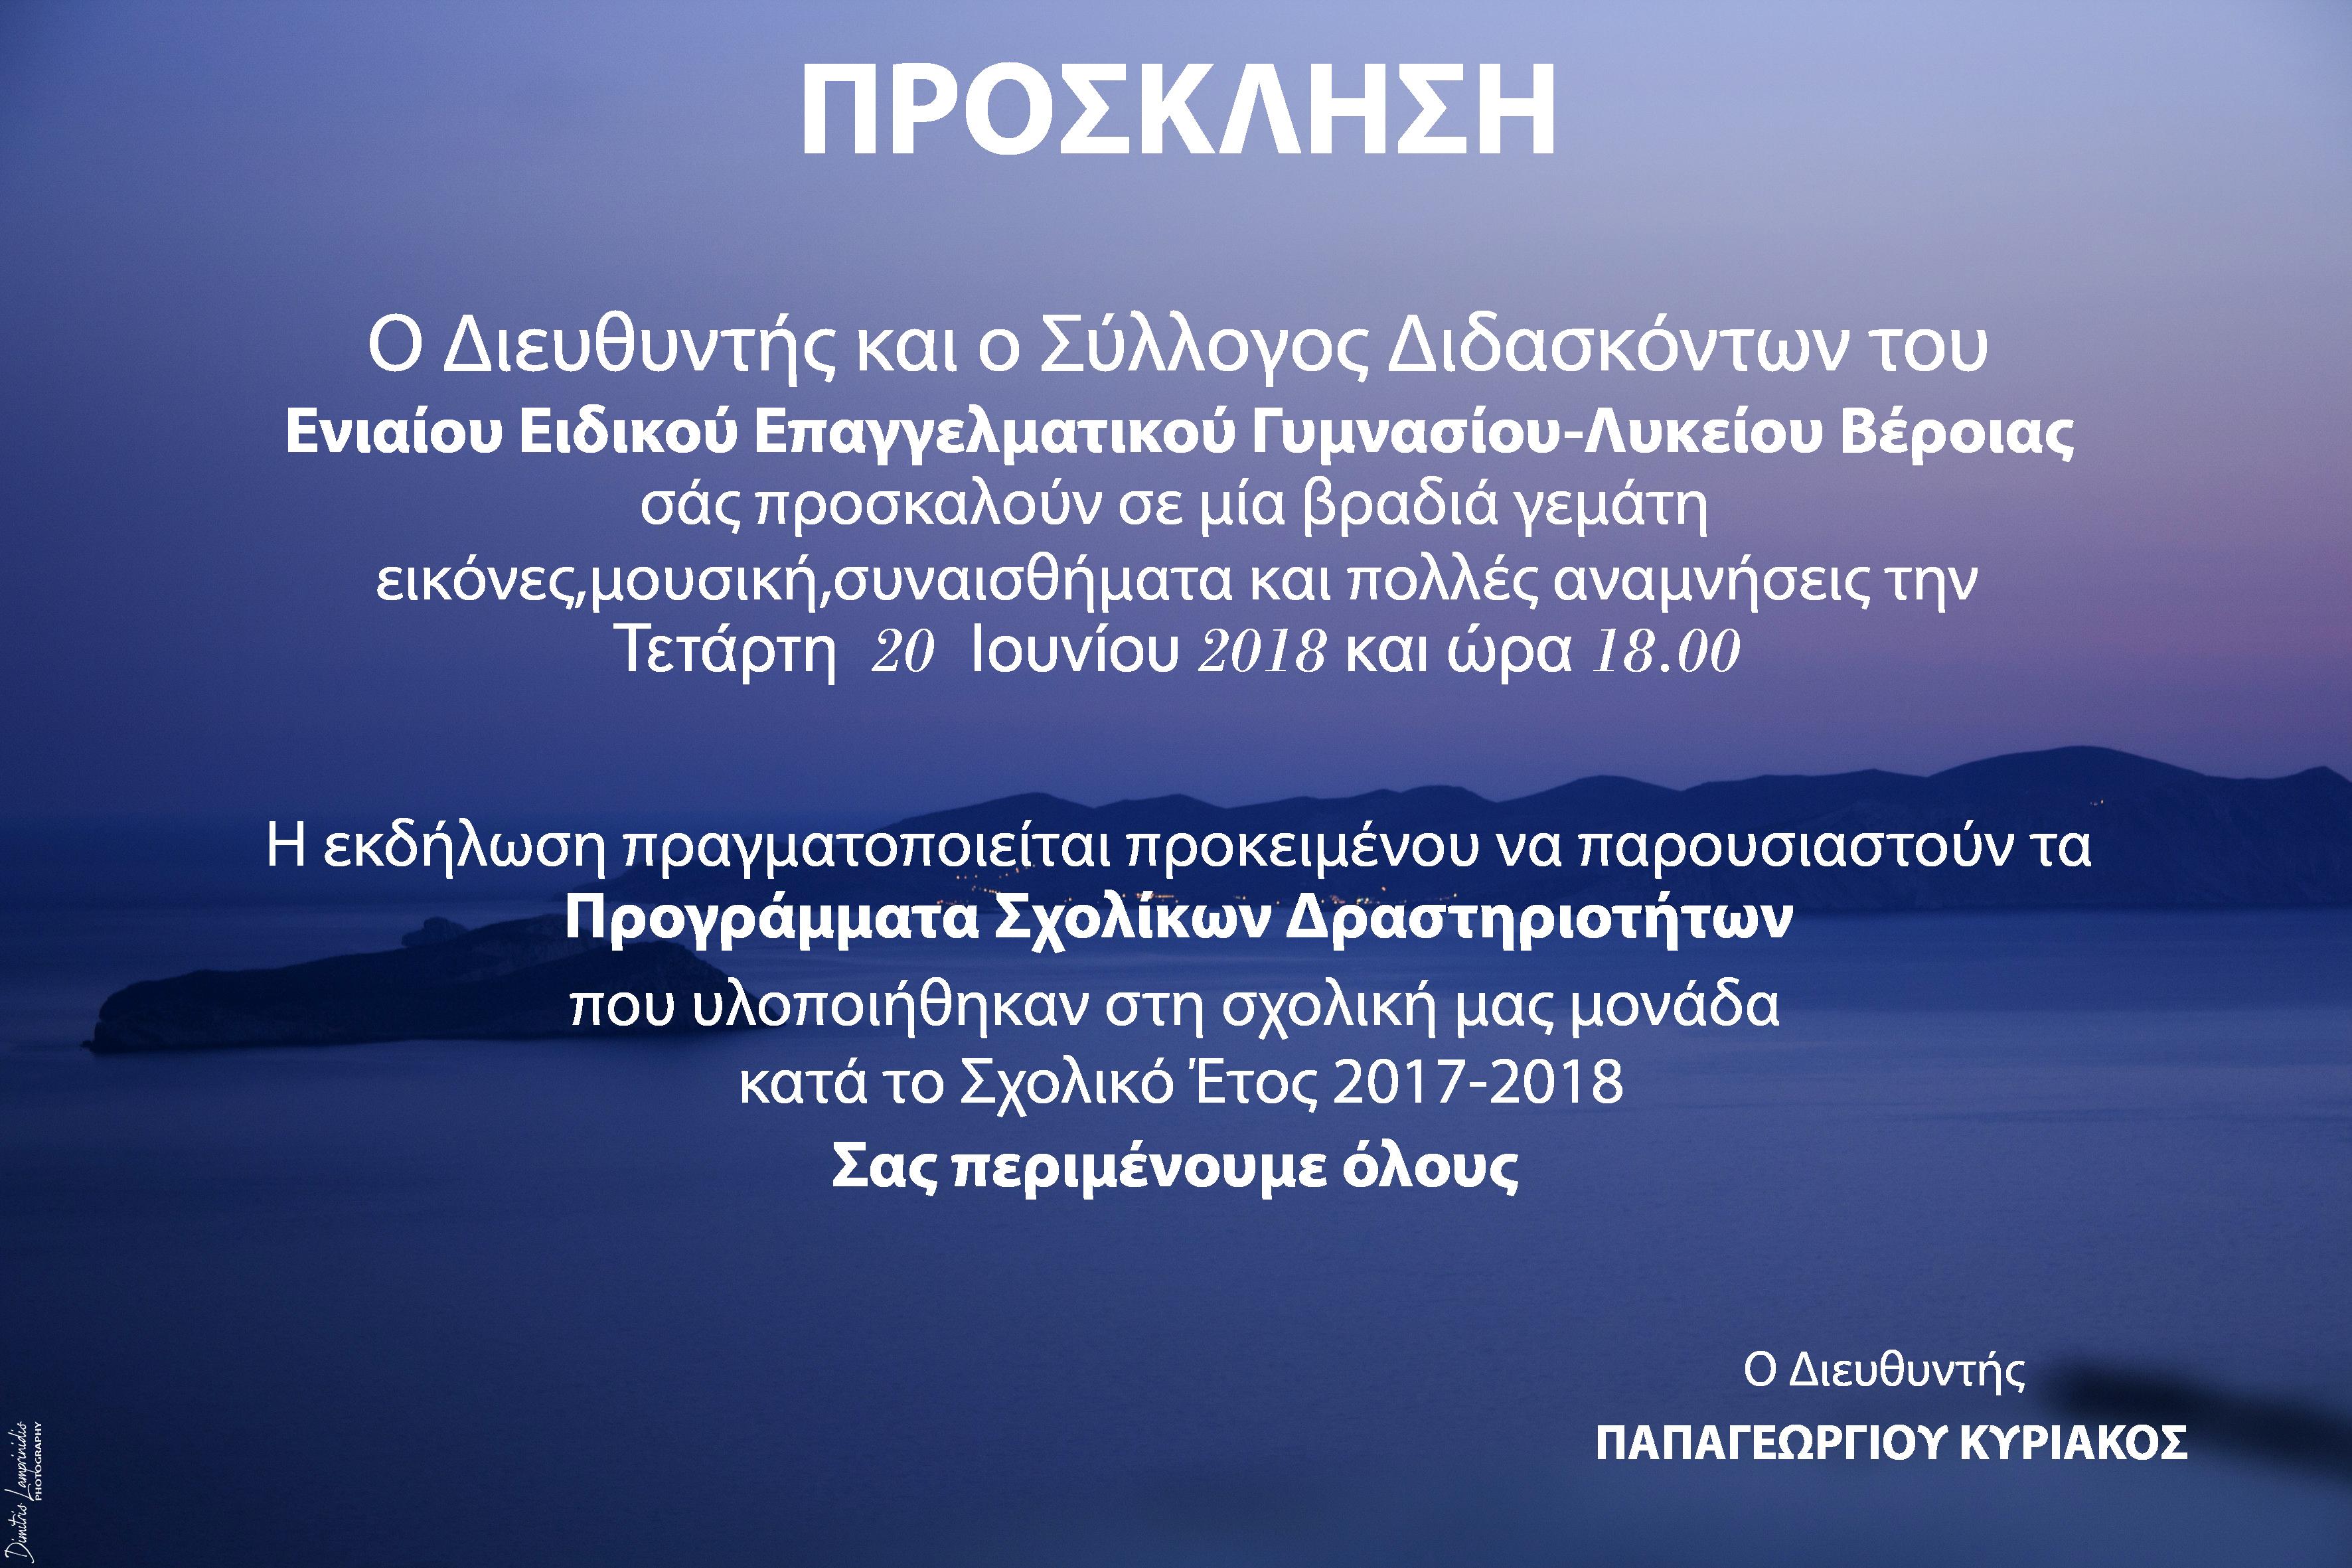 ΠΡΟΣΚΛΗΣΗ 15